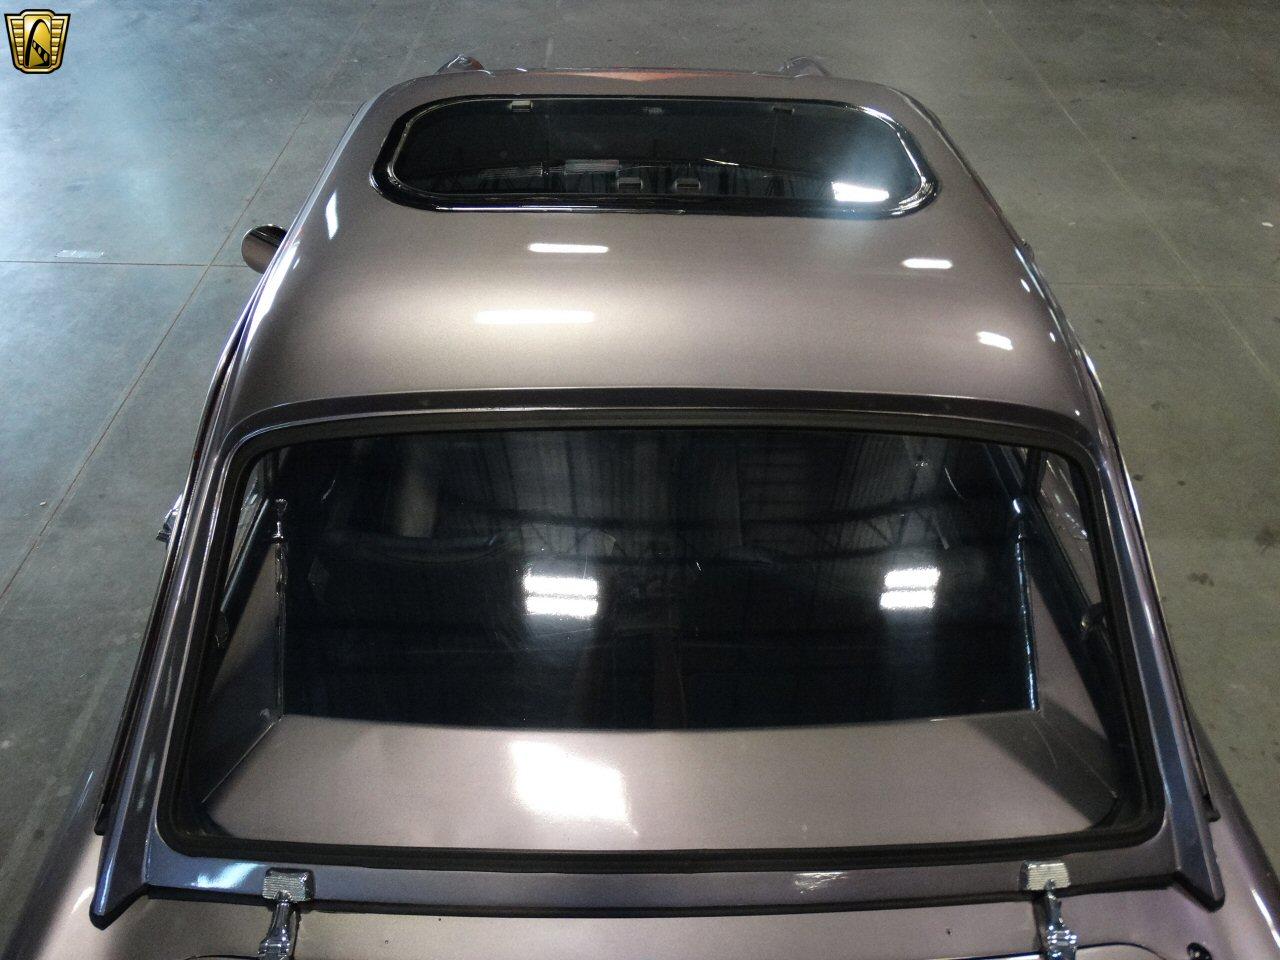 1965 Sunbeam Tiger 85